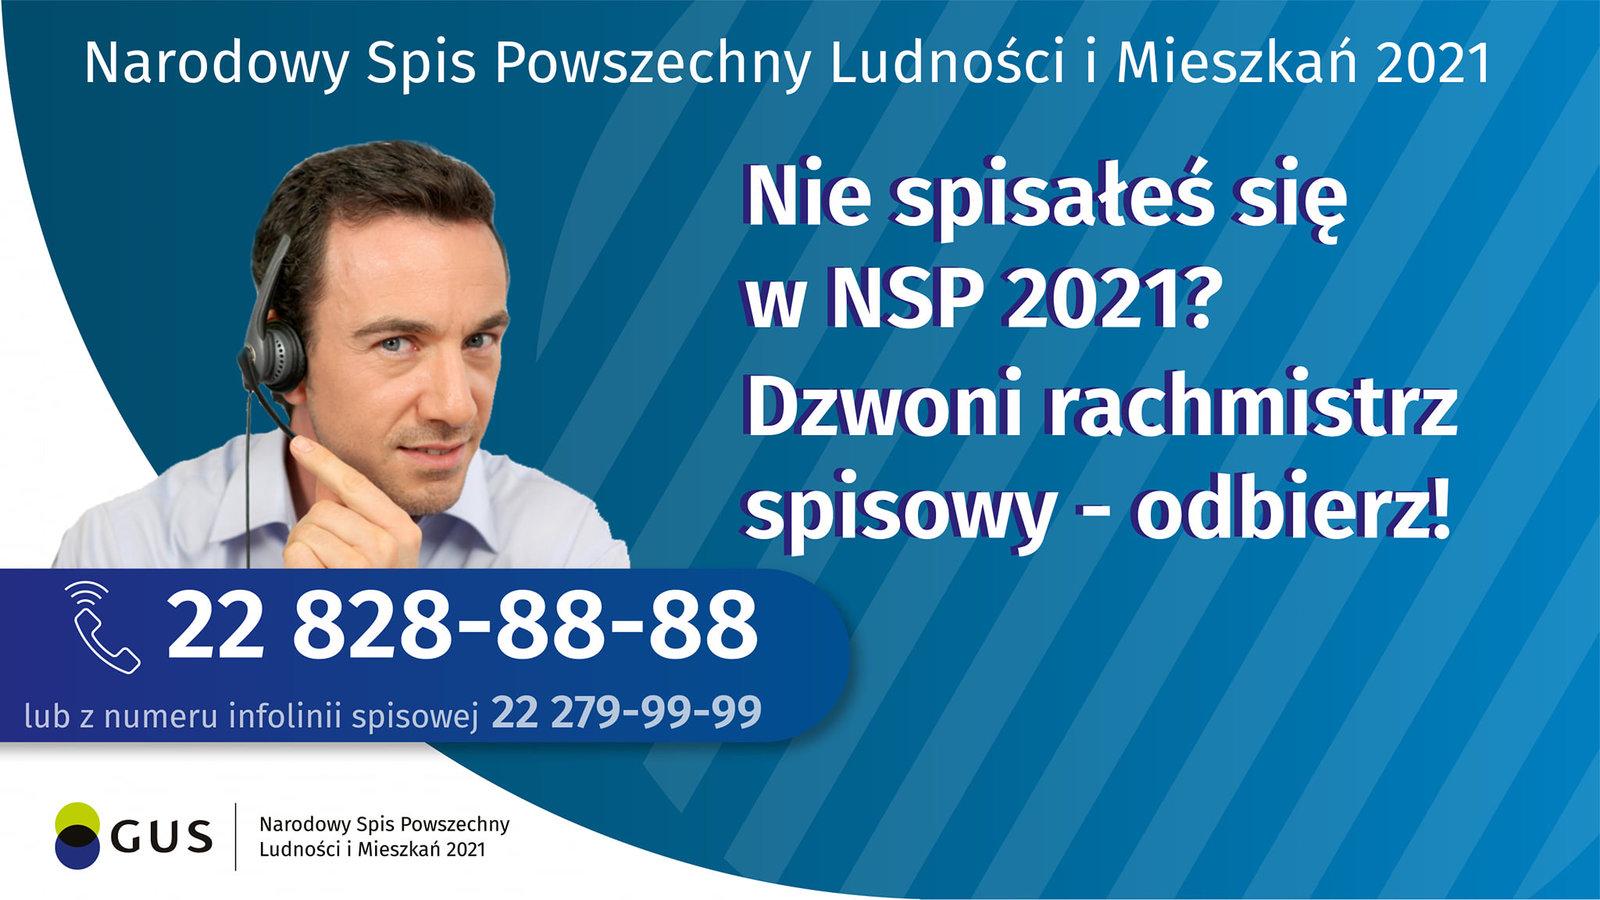 Plakat informujący o Narodowym Spisie Powszechnym Ludności Mieszkań